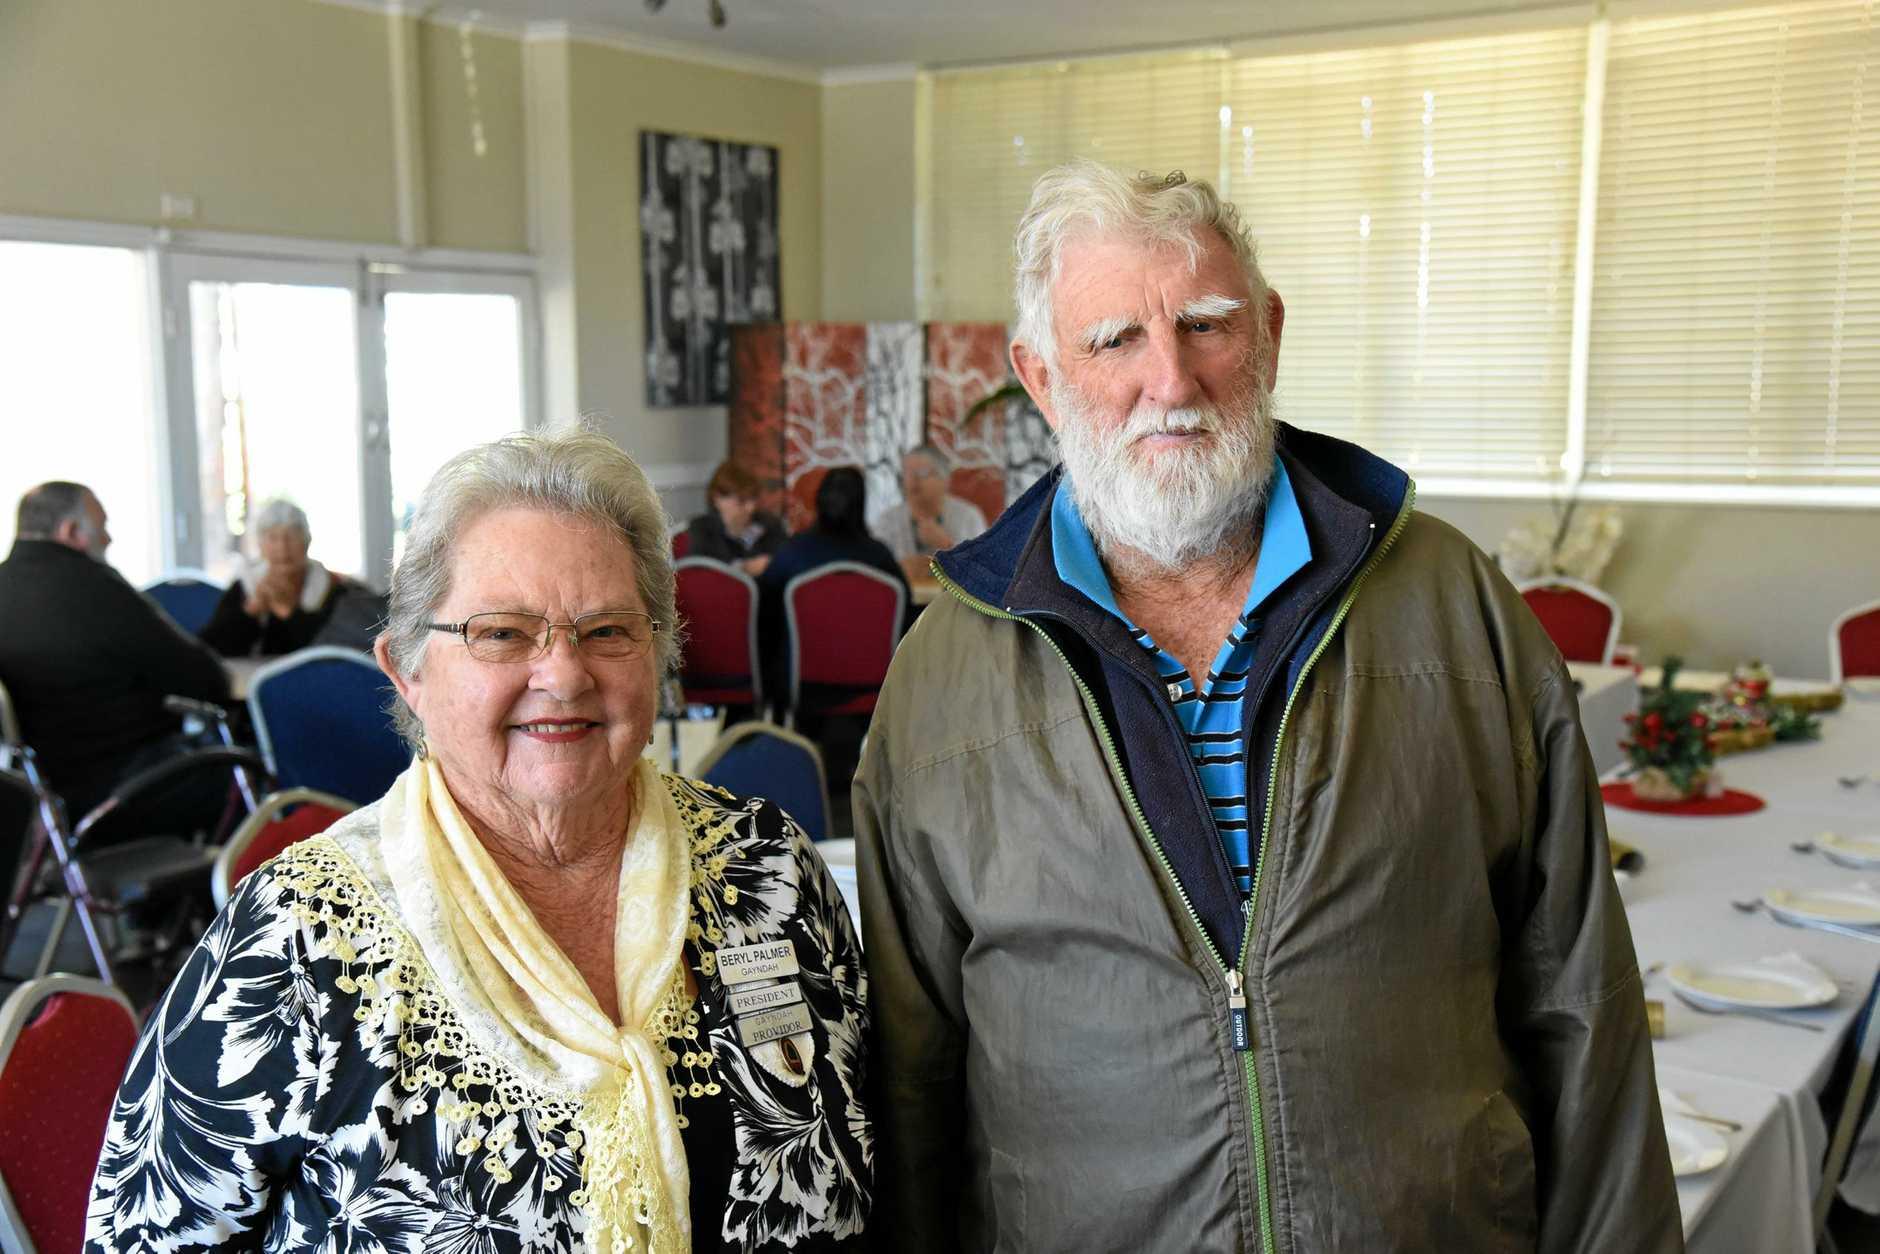 Gayndah Senior Citizens president Beryl Palmer and member John Stott at the club's Christmas in July event at the Golden Orange Hotel Motel on Thursday, July 18.